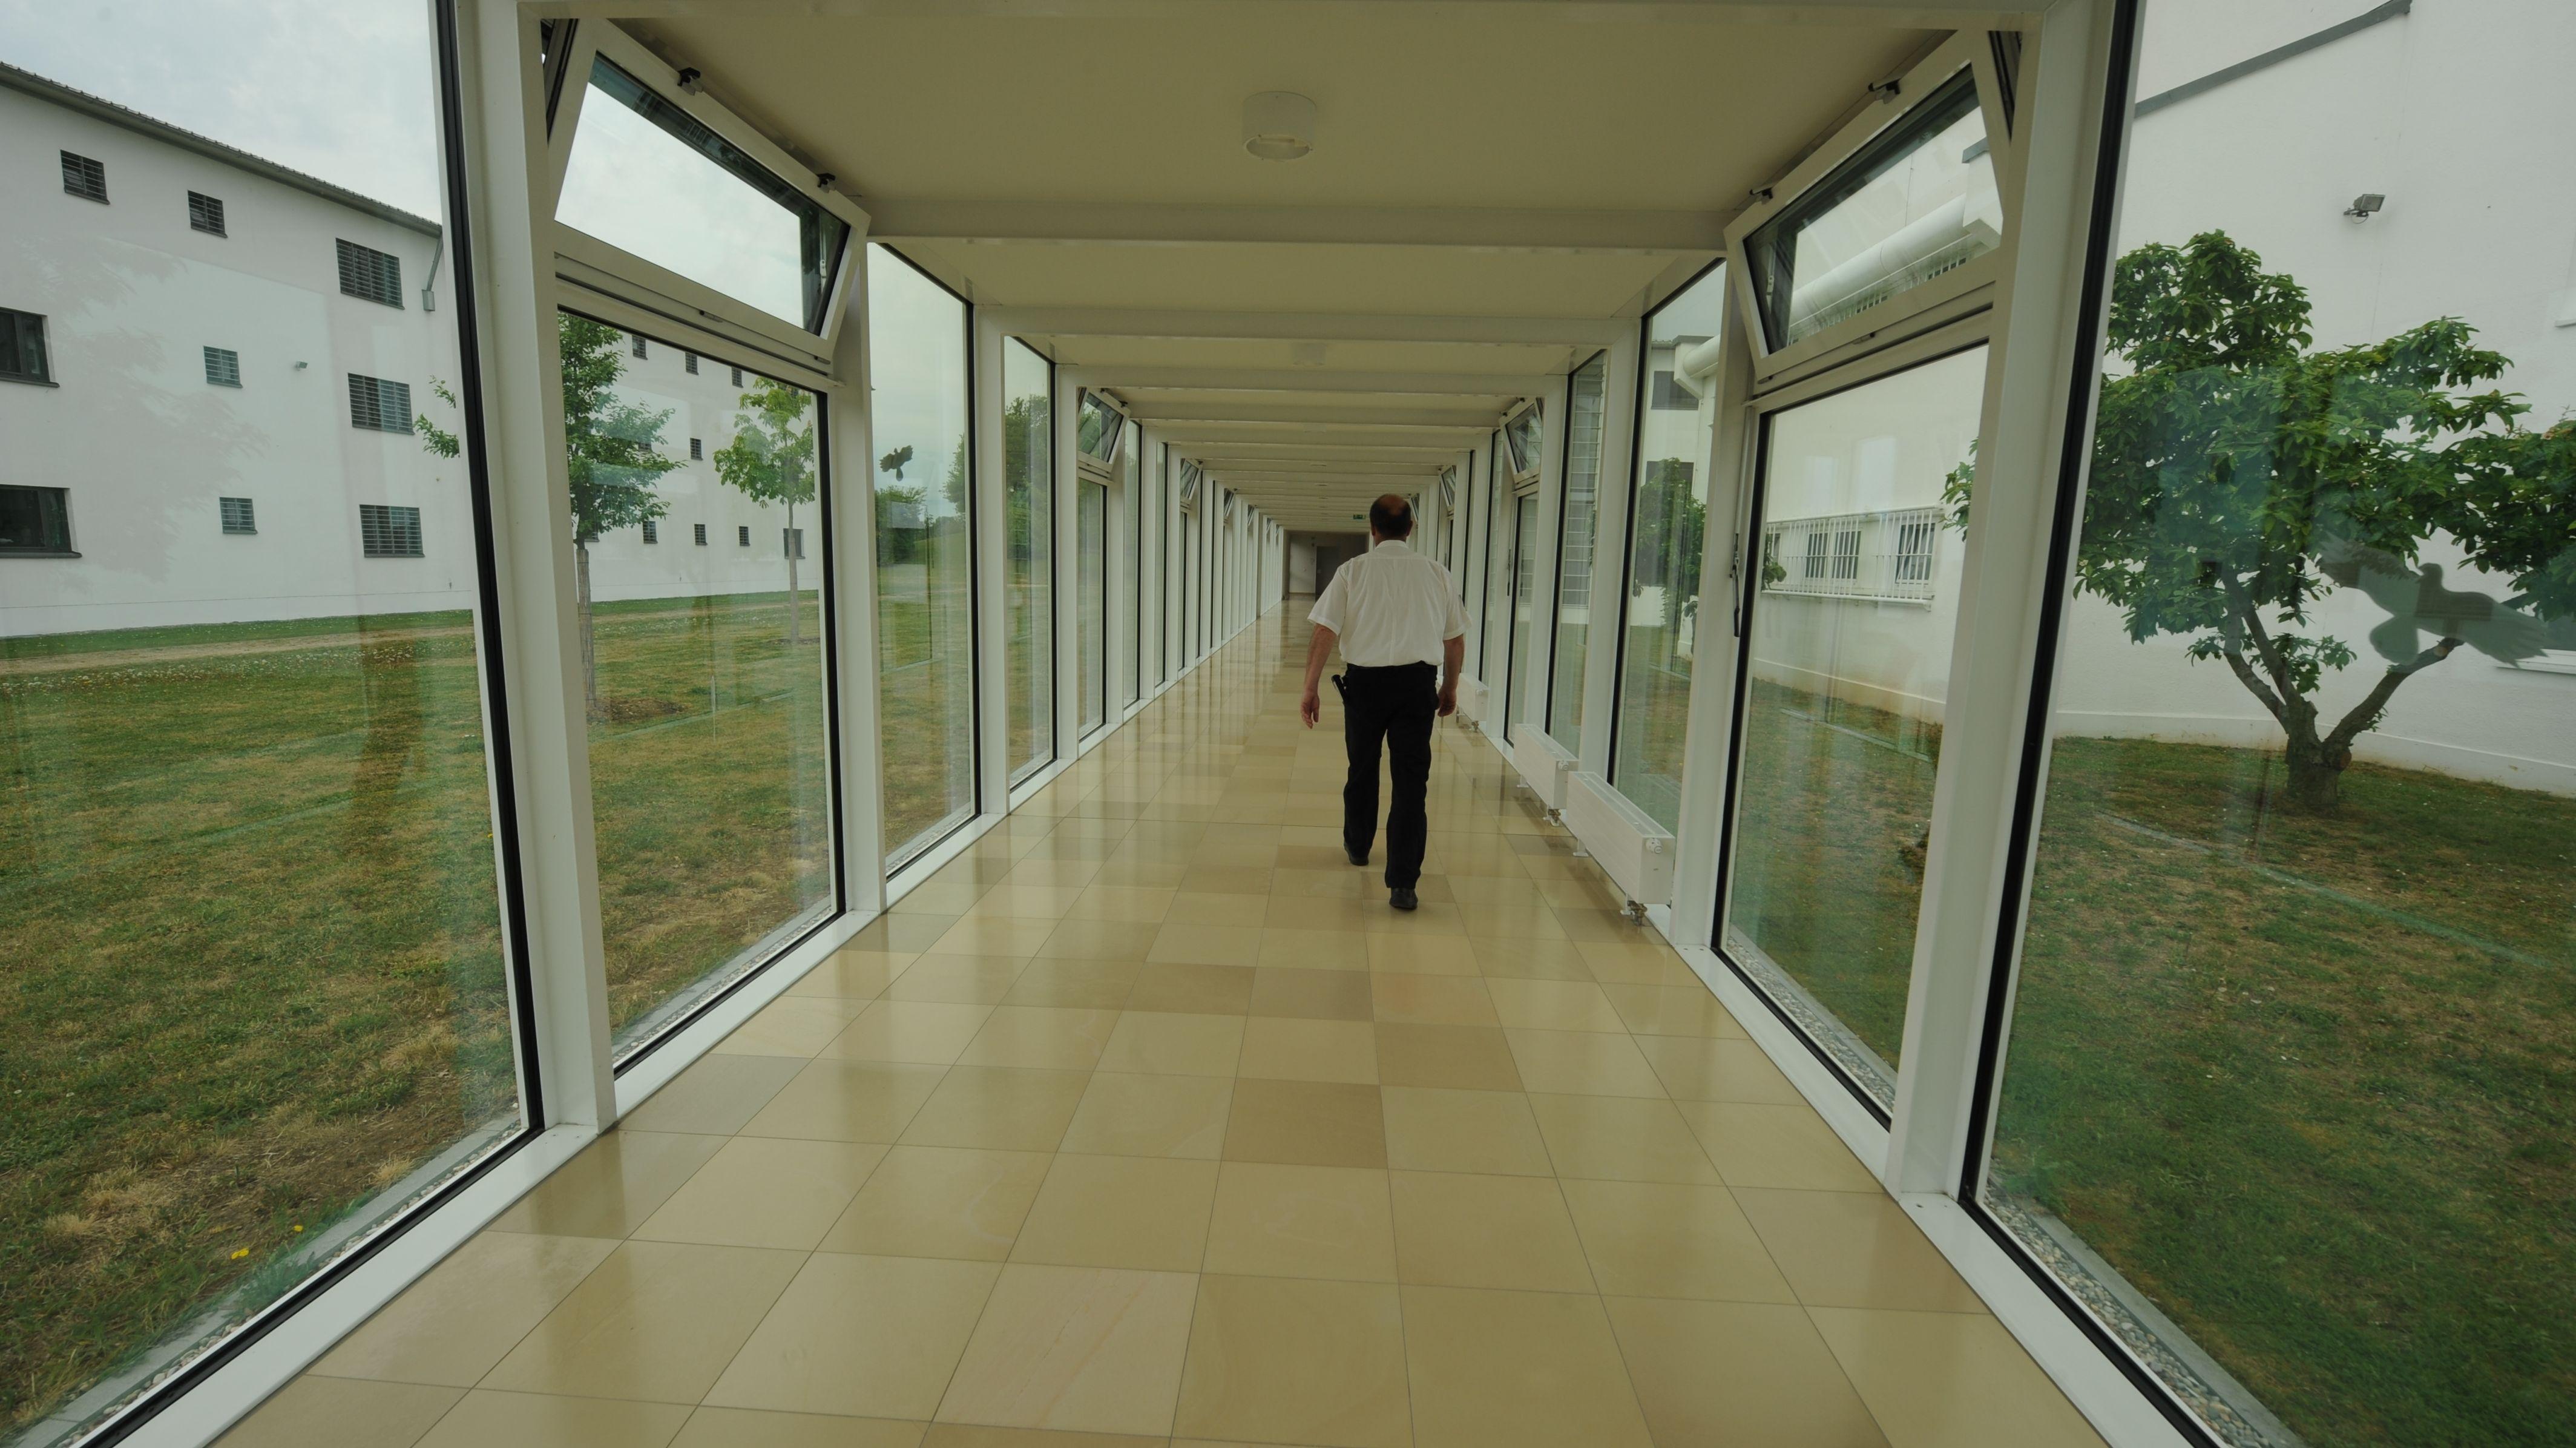 Ein Mitarbeiter geht durch einen Gang im Bezirkskrankenhaus Straubing